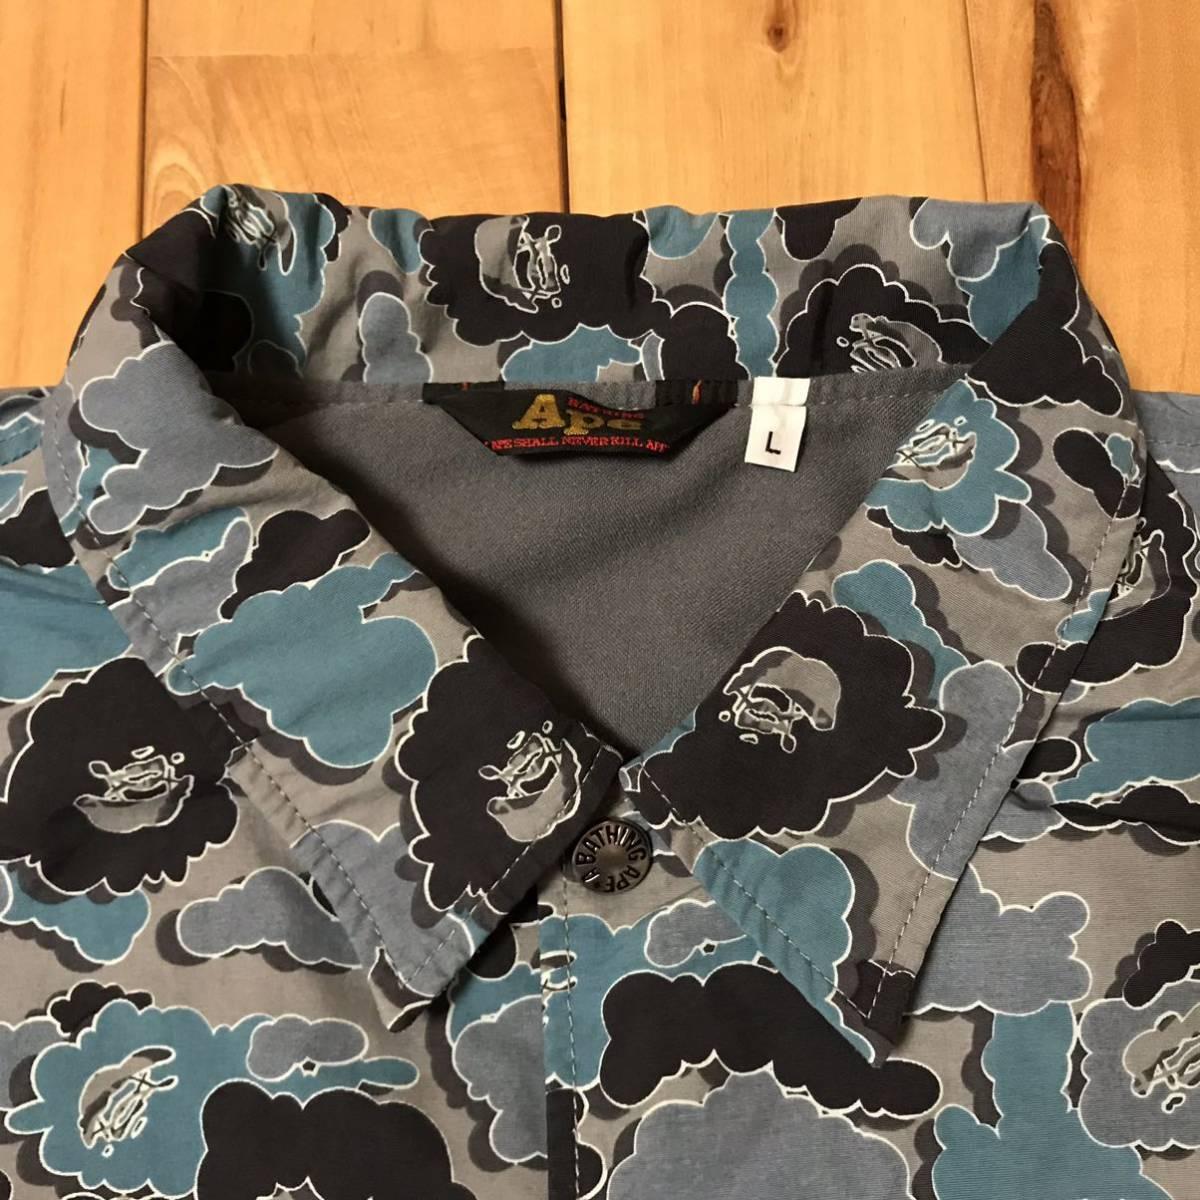 ★激レア★ kaws × BAPE cloud camo コーチジャケット Lサイズ a bathing ape jacket エイプ ベイプ アベイシングエイプ カウズ nigo 迷彩